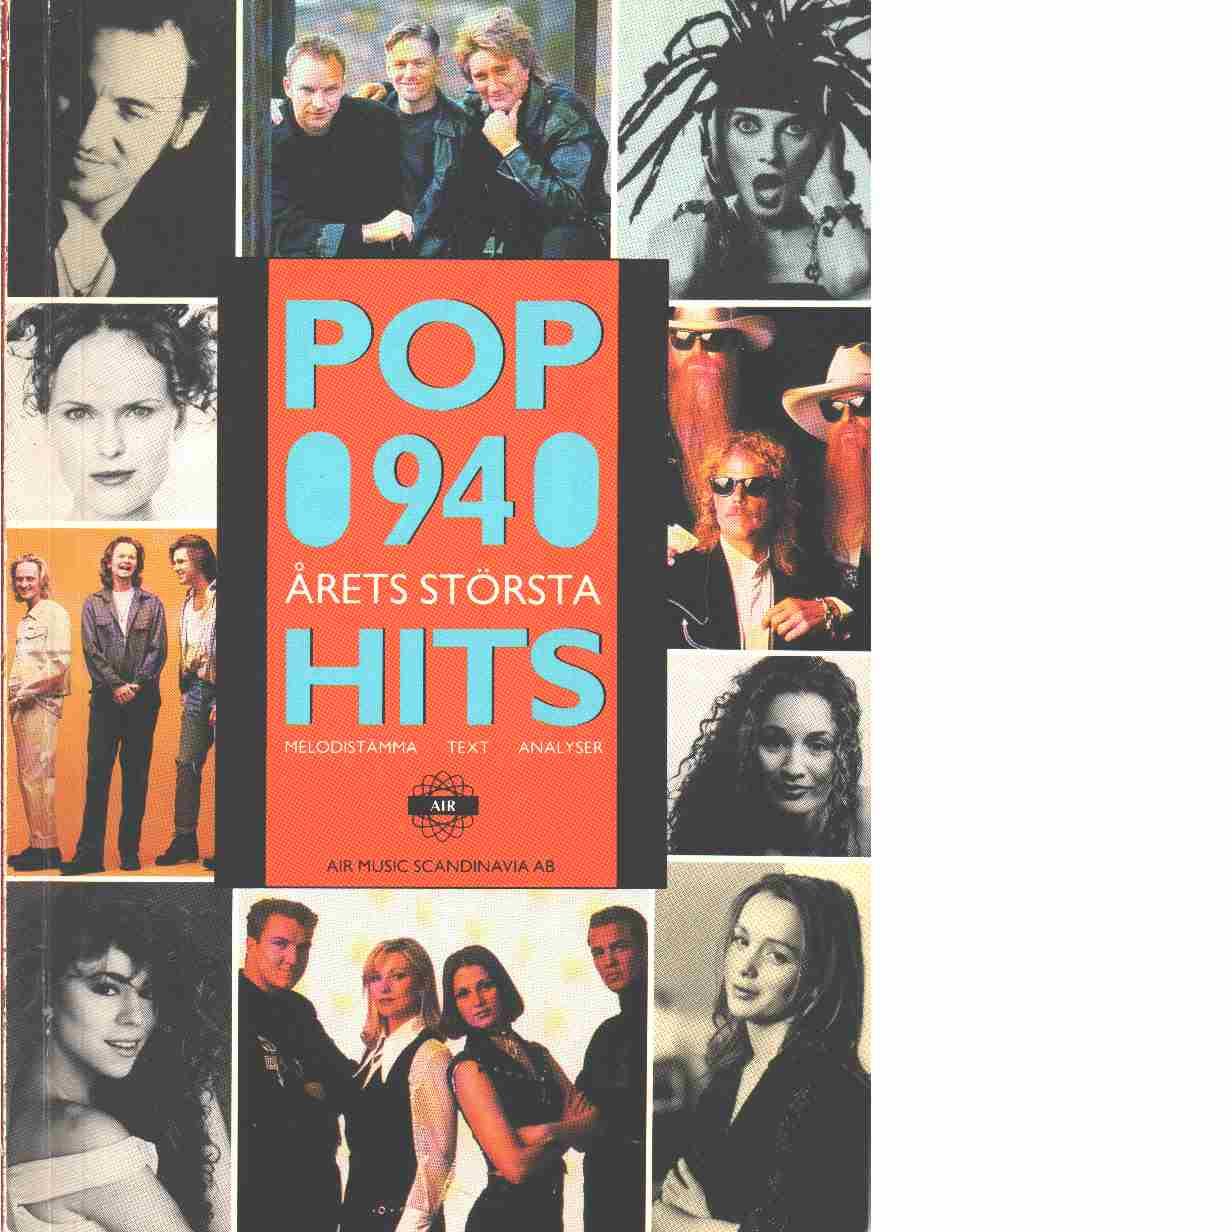 Pop 94[Musiktryck] : årets största hits : melodistämma, text, analyser - Red.